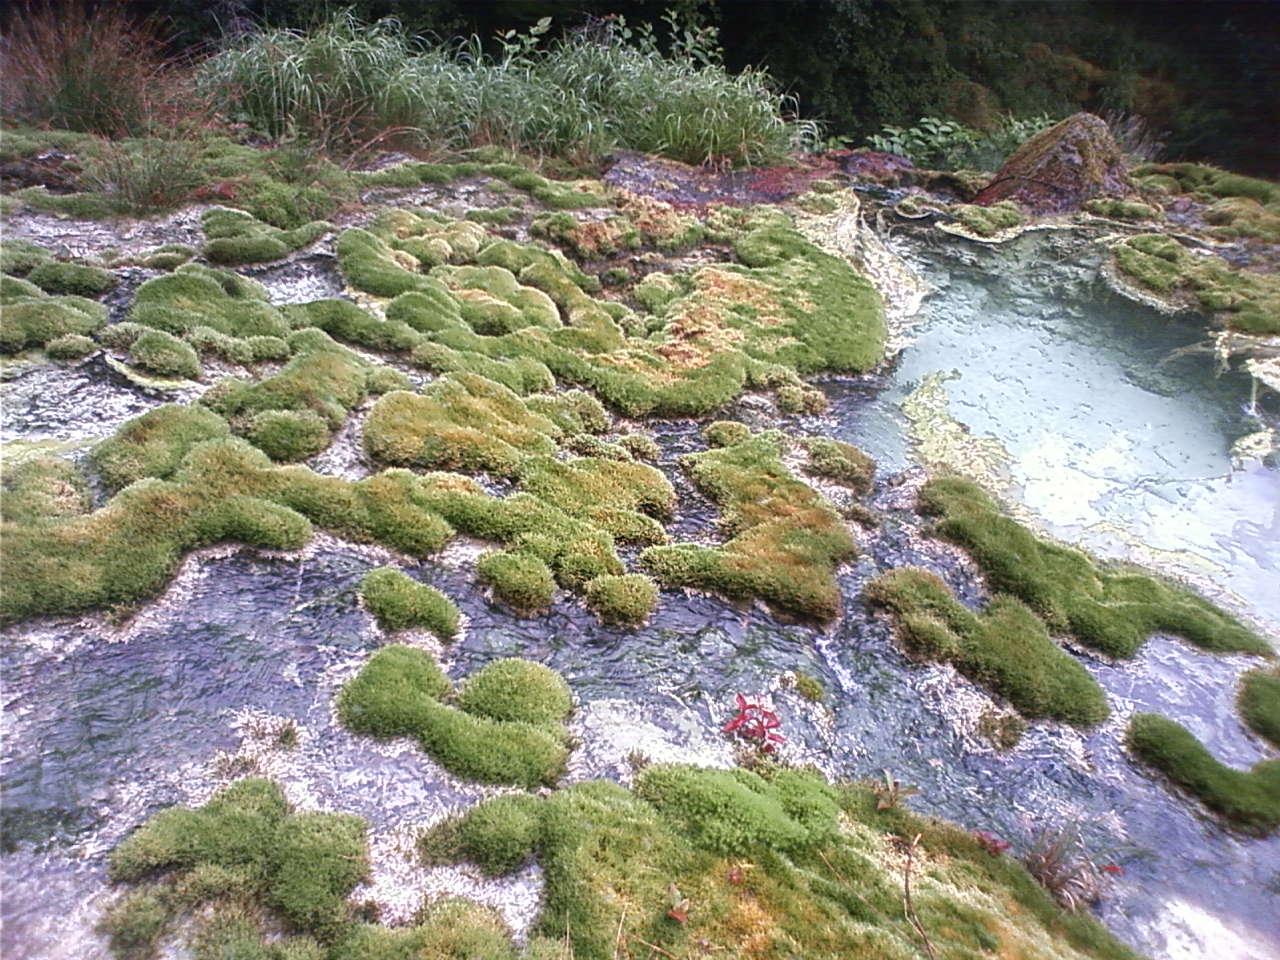 唐沢鉱泉の源泉 The source of the Karasawa spring_e0155231_8305892.jpg